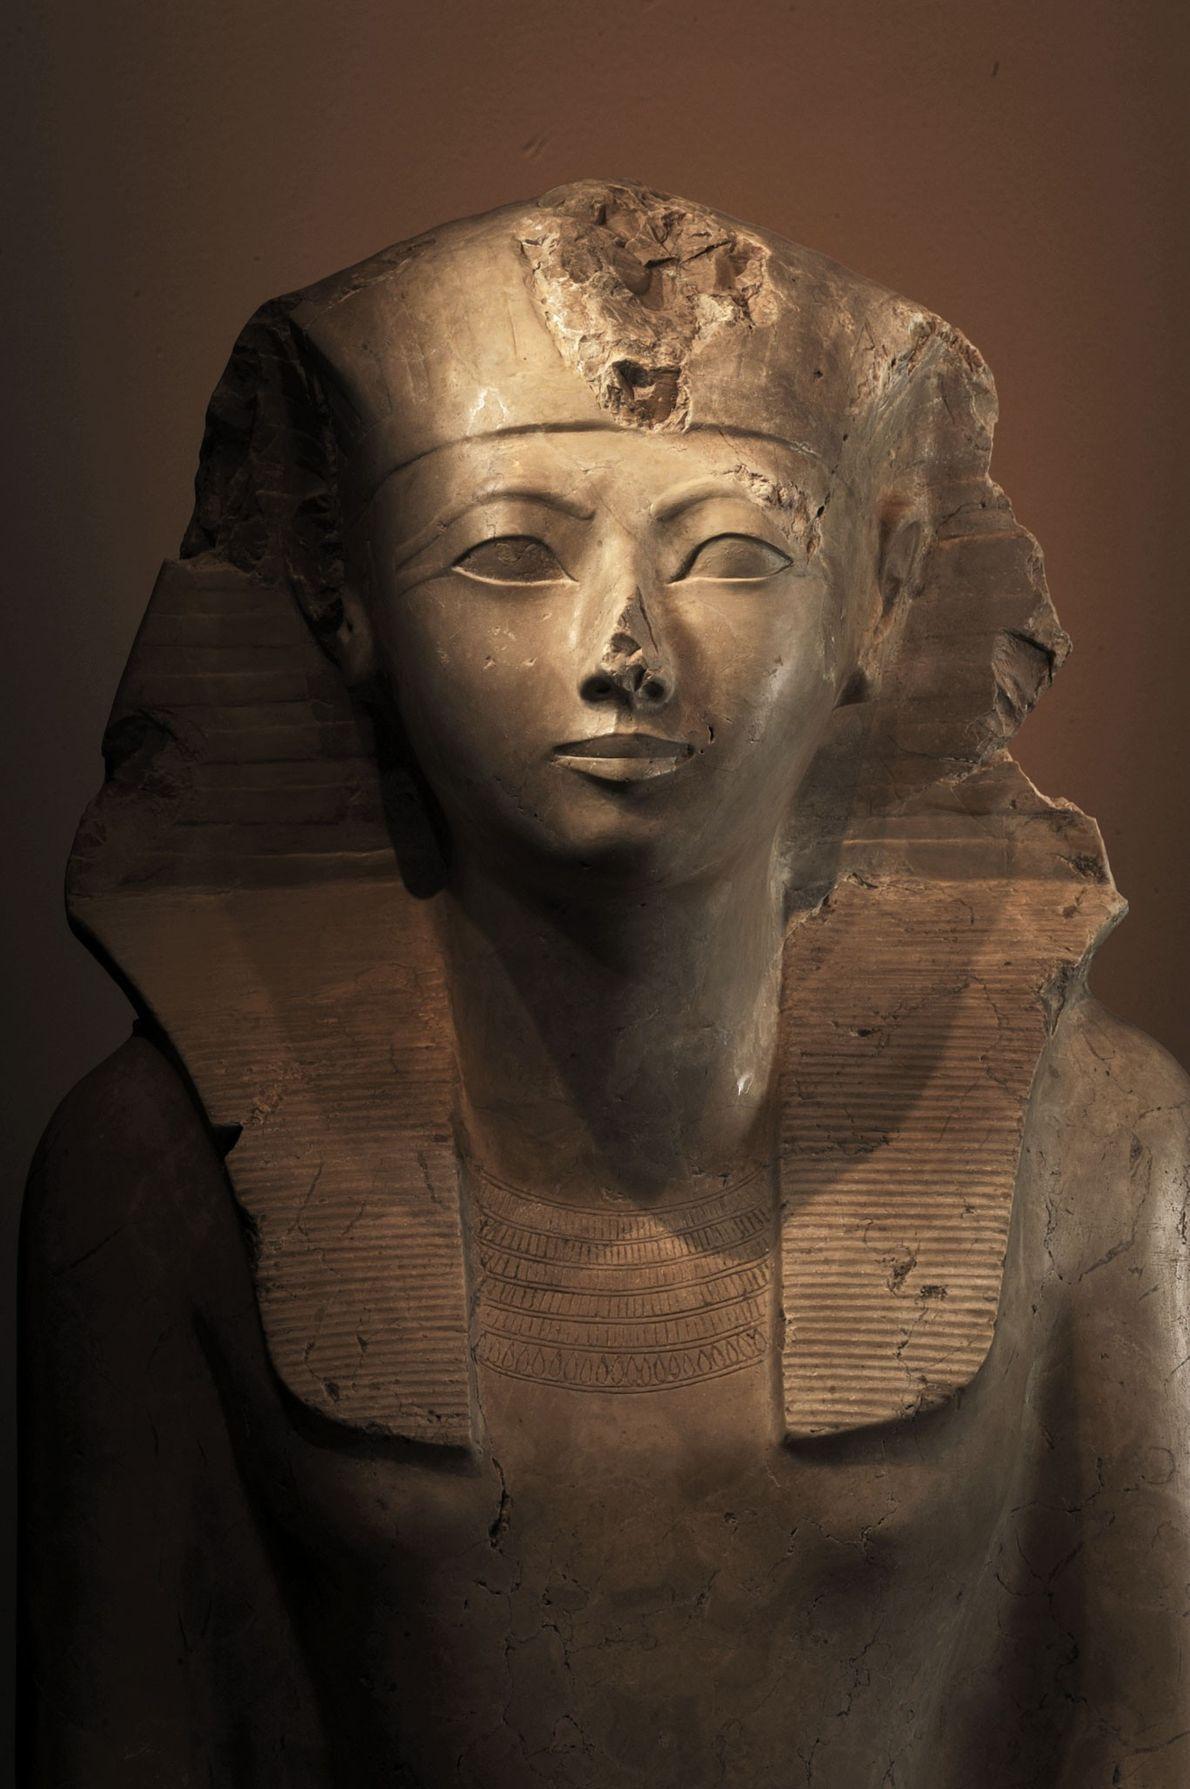 Eine Statue der Königin Hatschepsut aus Kalkstein zeigt sie mit den Insignien eines Königs oder Pharaos, ...